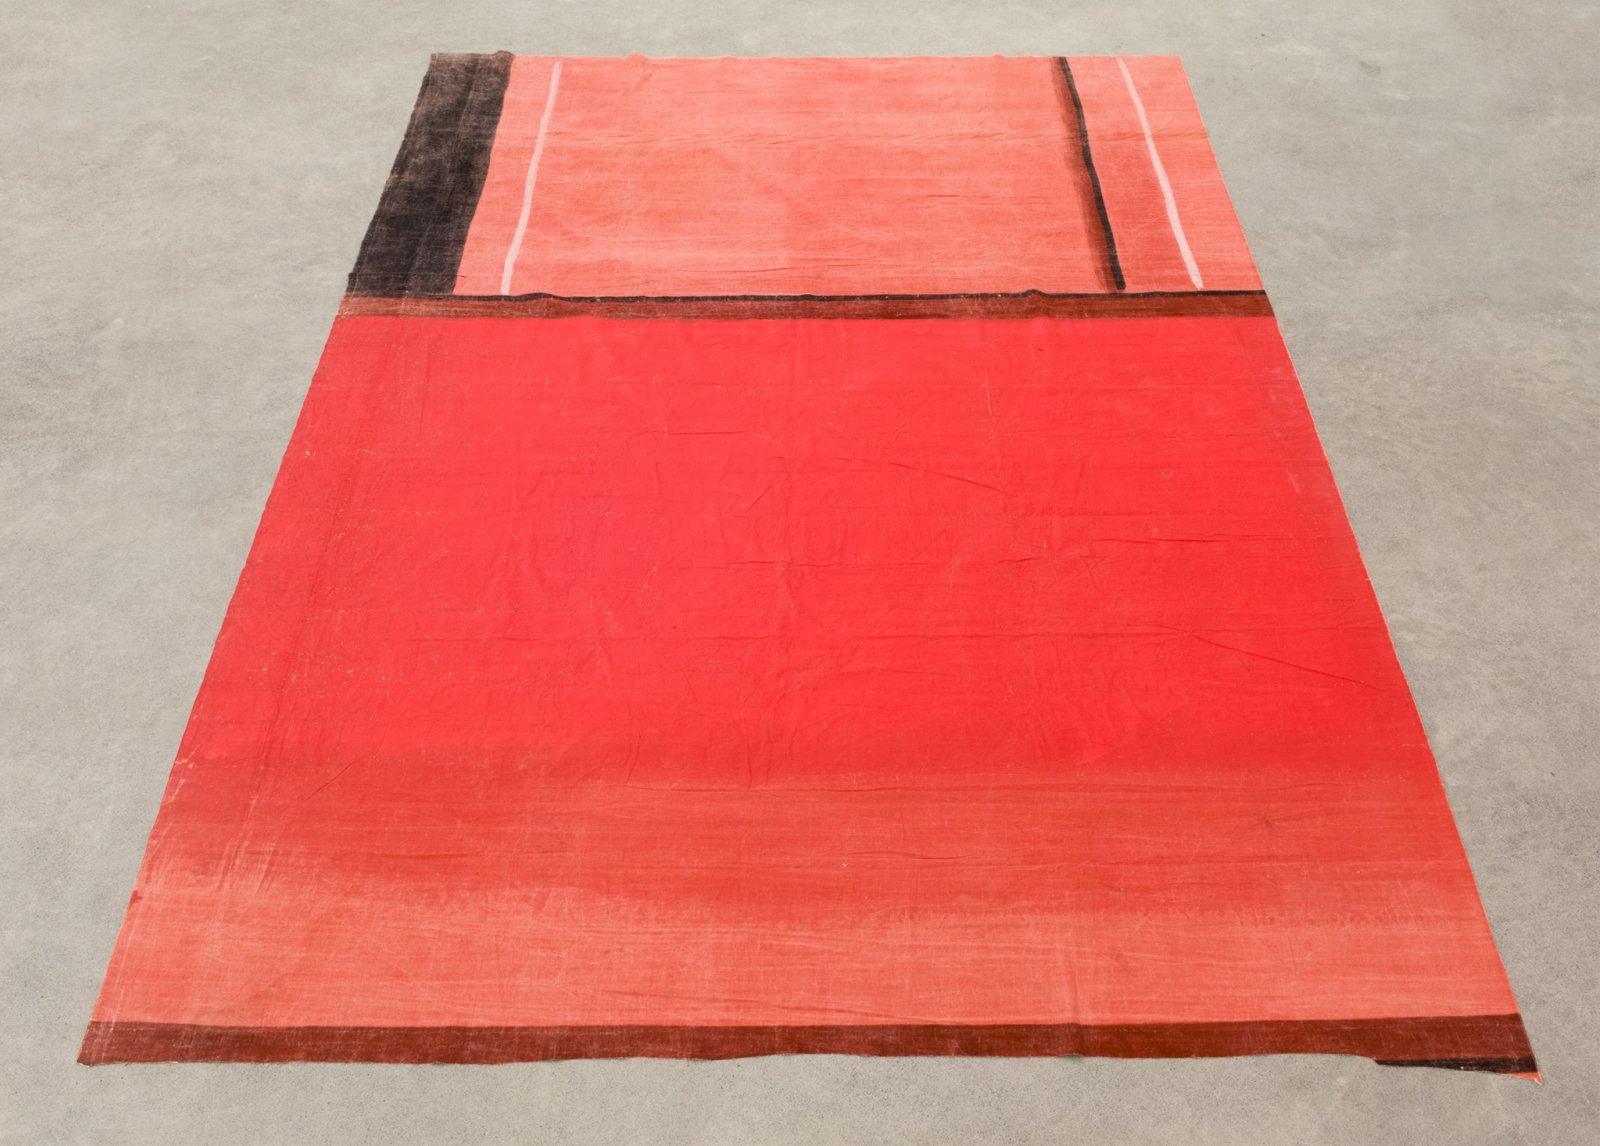 Geoffrey Farmer, FLOOR PIECE: KITCHEN WALL AS SEEN BY A FLY, 2017, theatre backdrop (1939), 166 x 103 in. (421 x 262 cm) by Geoffrey Farmer